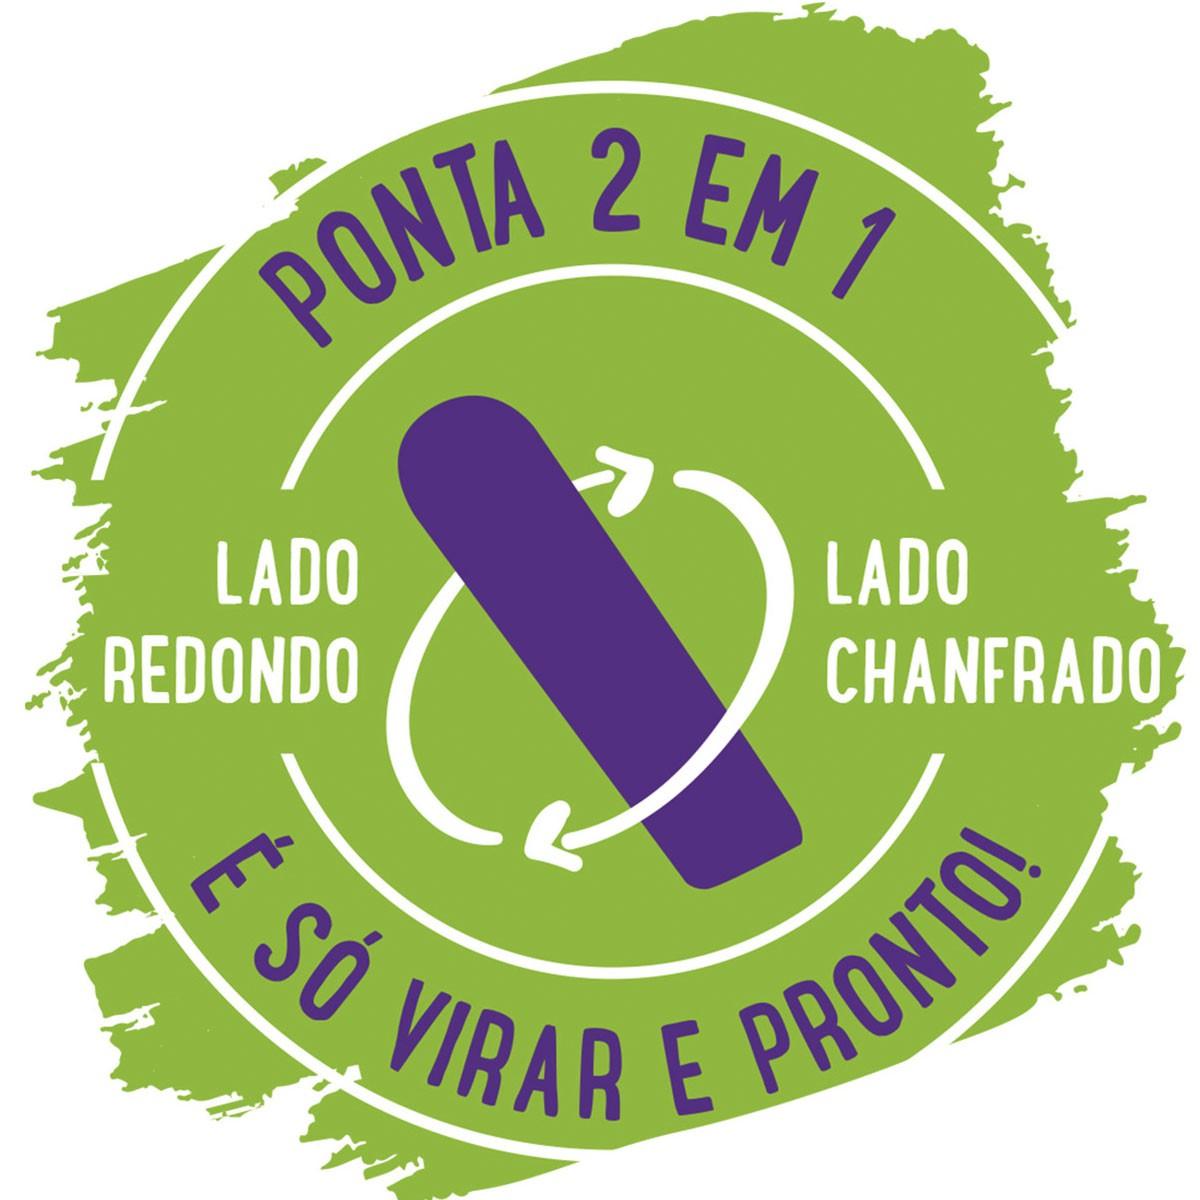 KIT COM 5 PONTAS 8K – 2 em 1